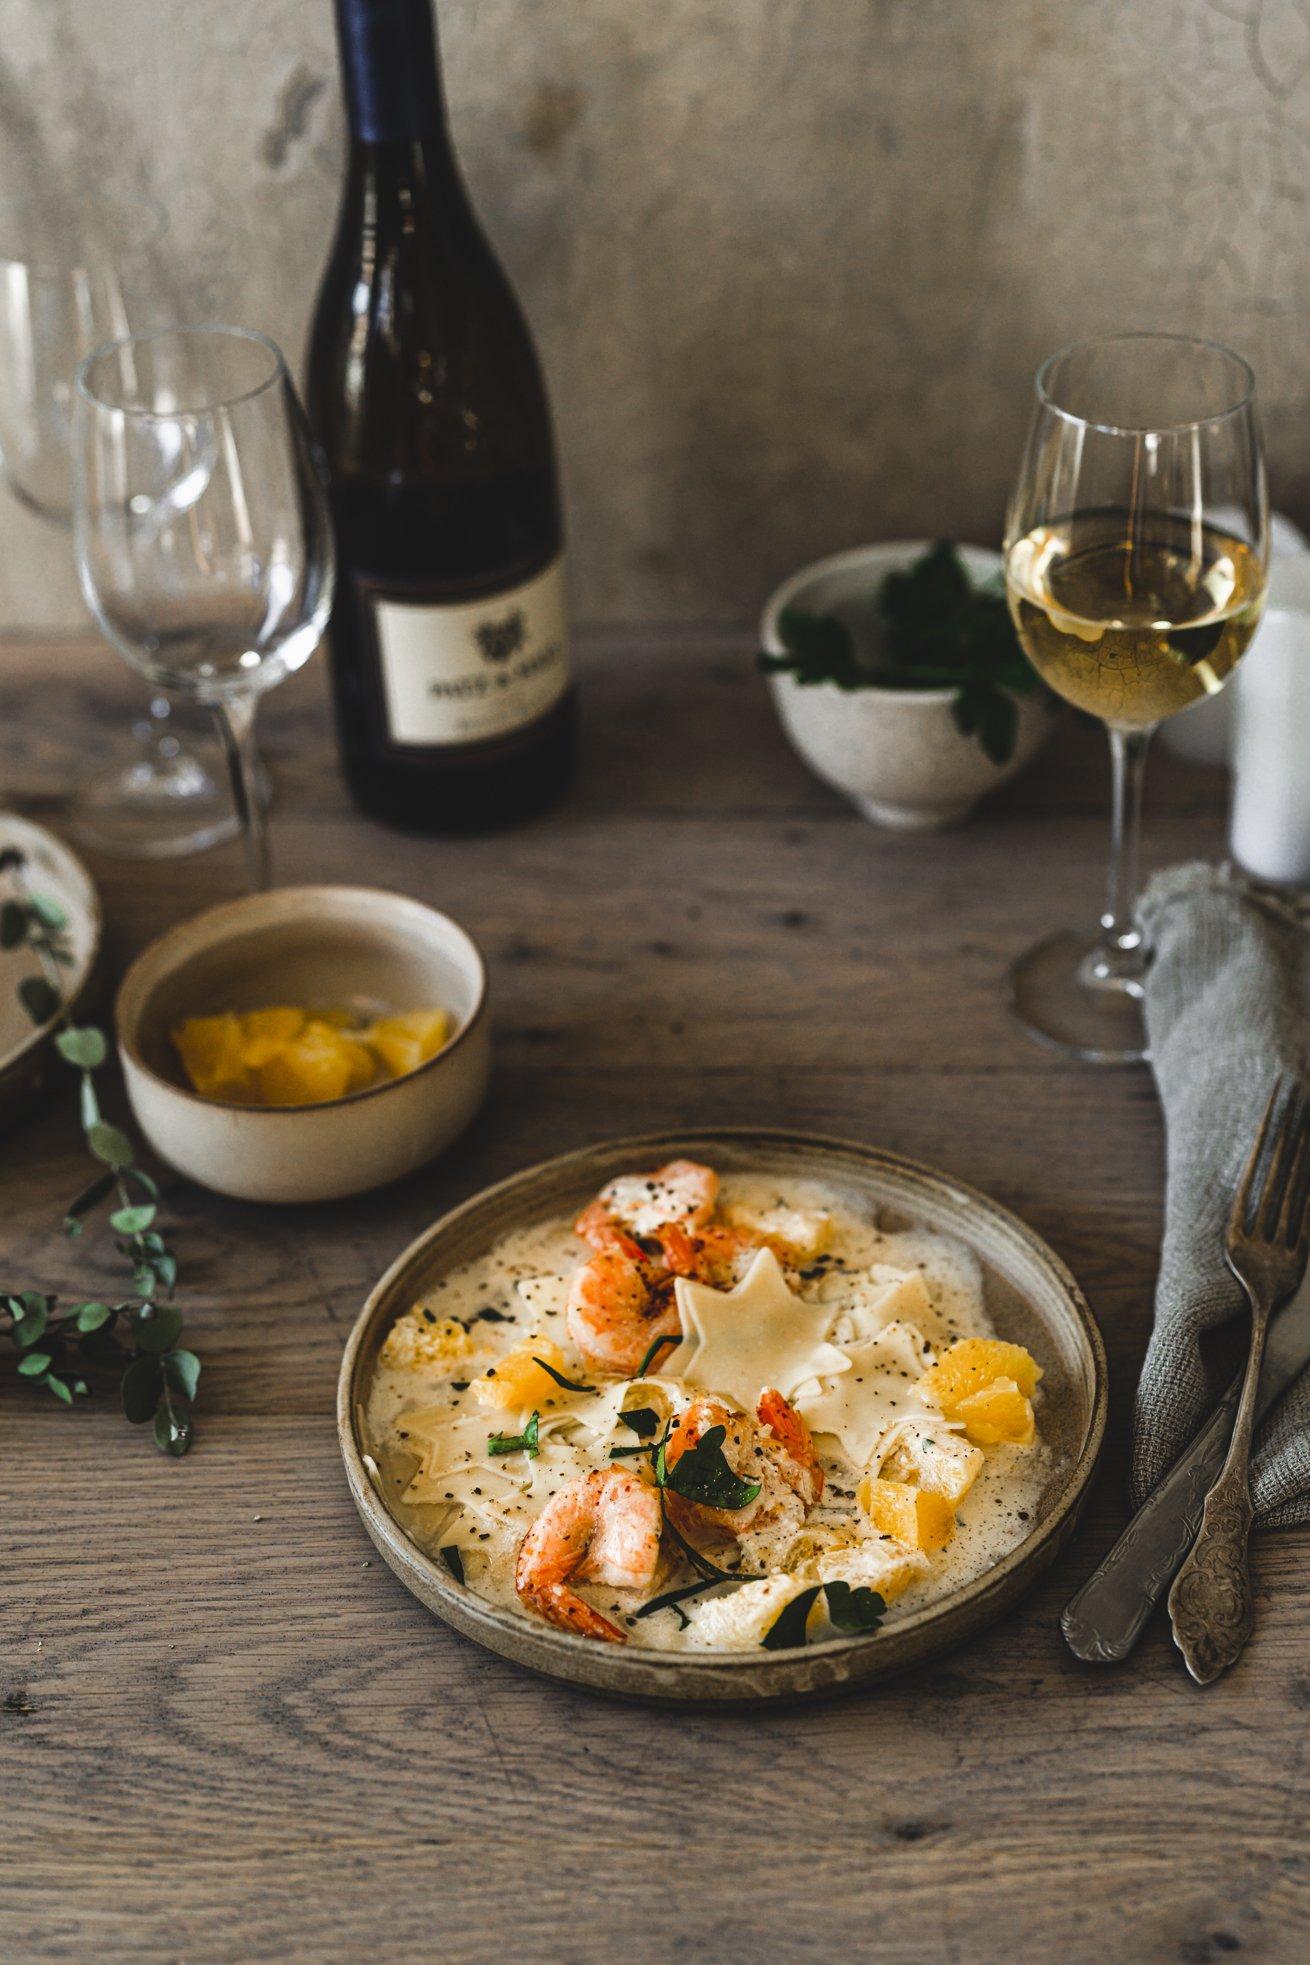 Weihnachtsmenü - Pasta mit Orangen Sauce und Scampi